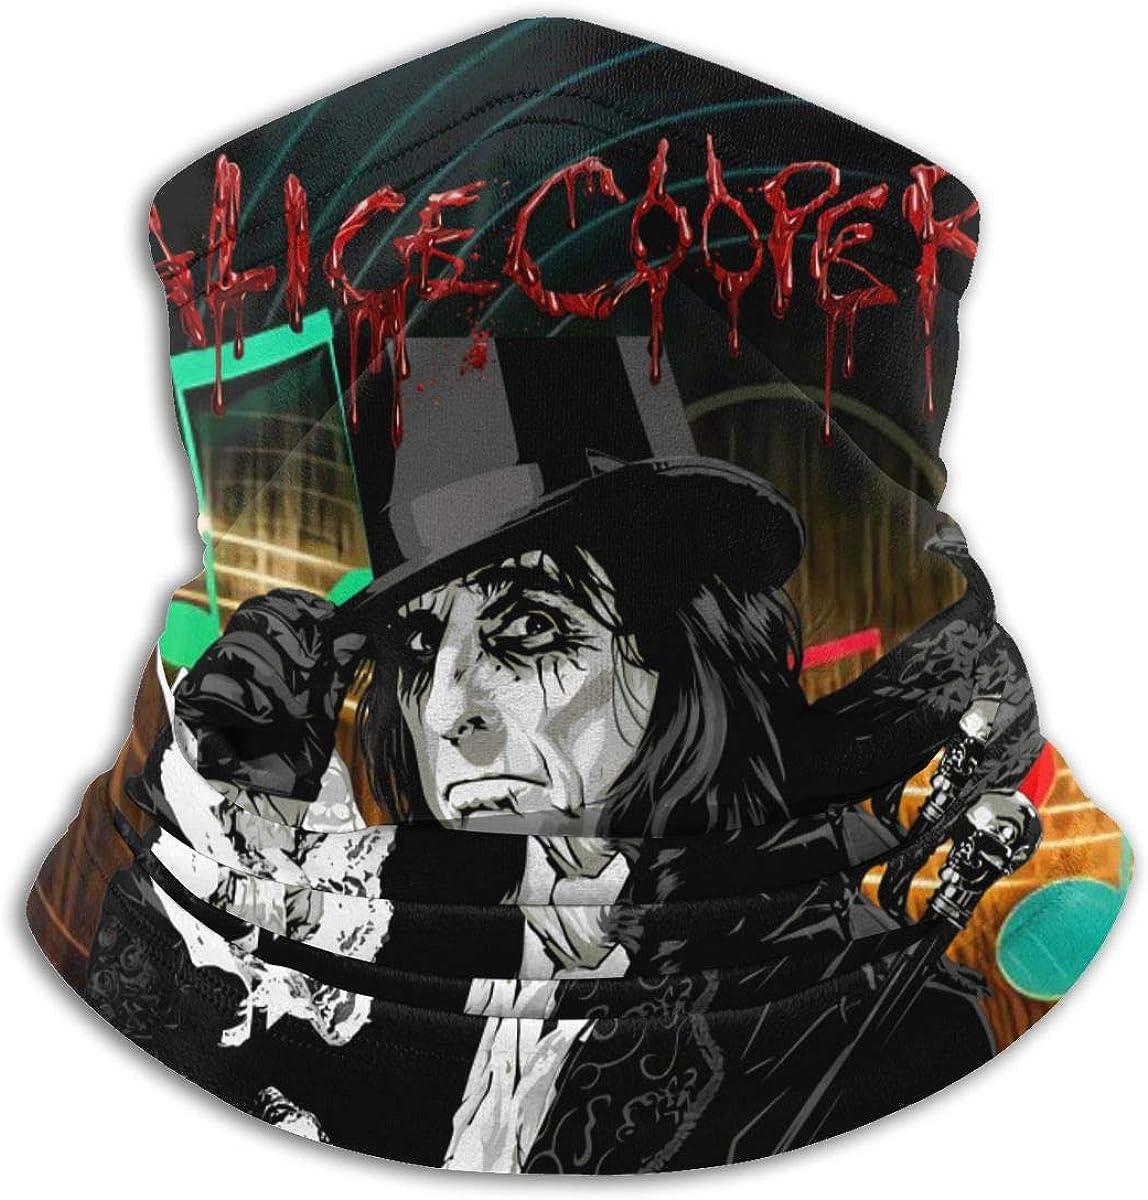 RandalSchultz Alice Cooper Neck Max 72% OFF Warmer Shield Cover Face Sc Cheap super special price